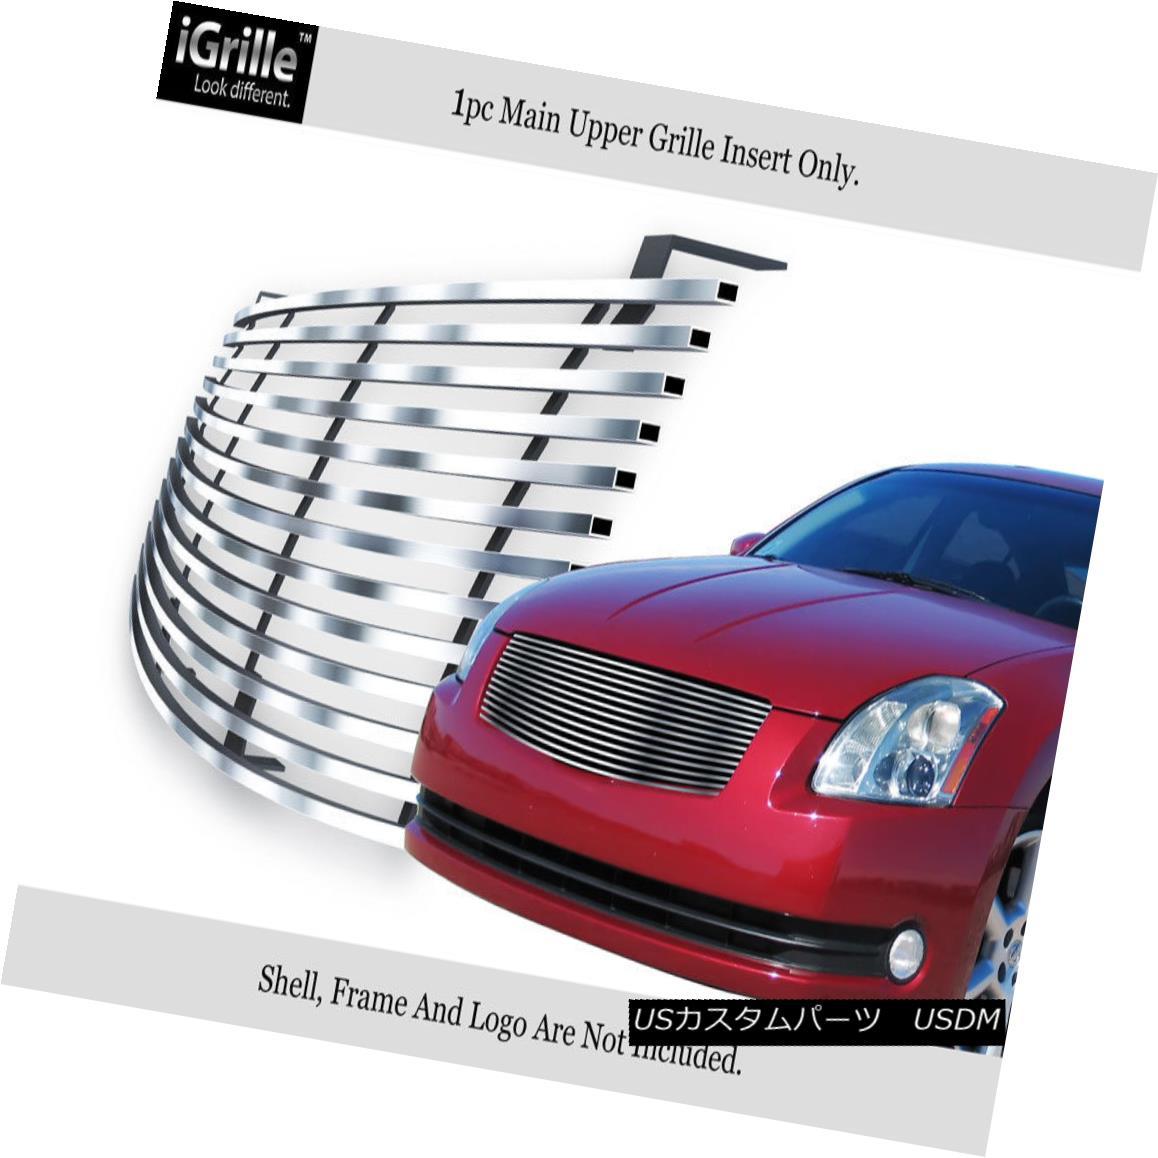 グリル Fits 2004-2006 Nissan Maxima Stainless Steel Billet Grille Insert フィット2004-2006日産マキシマステンレス鋼ビレットグリルインサート